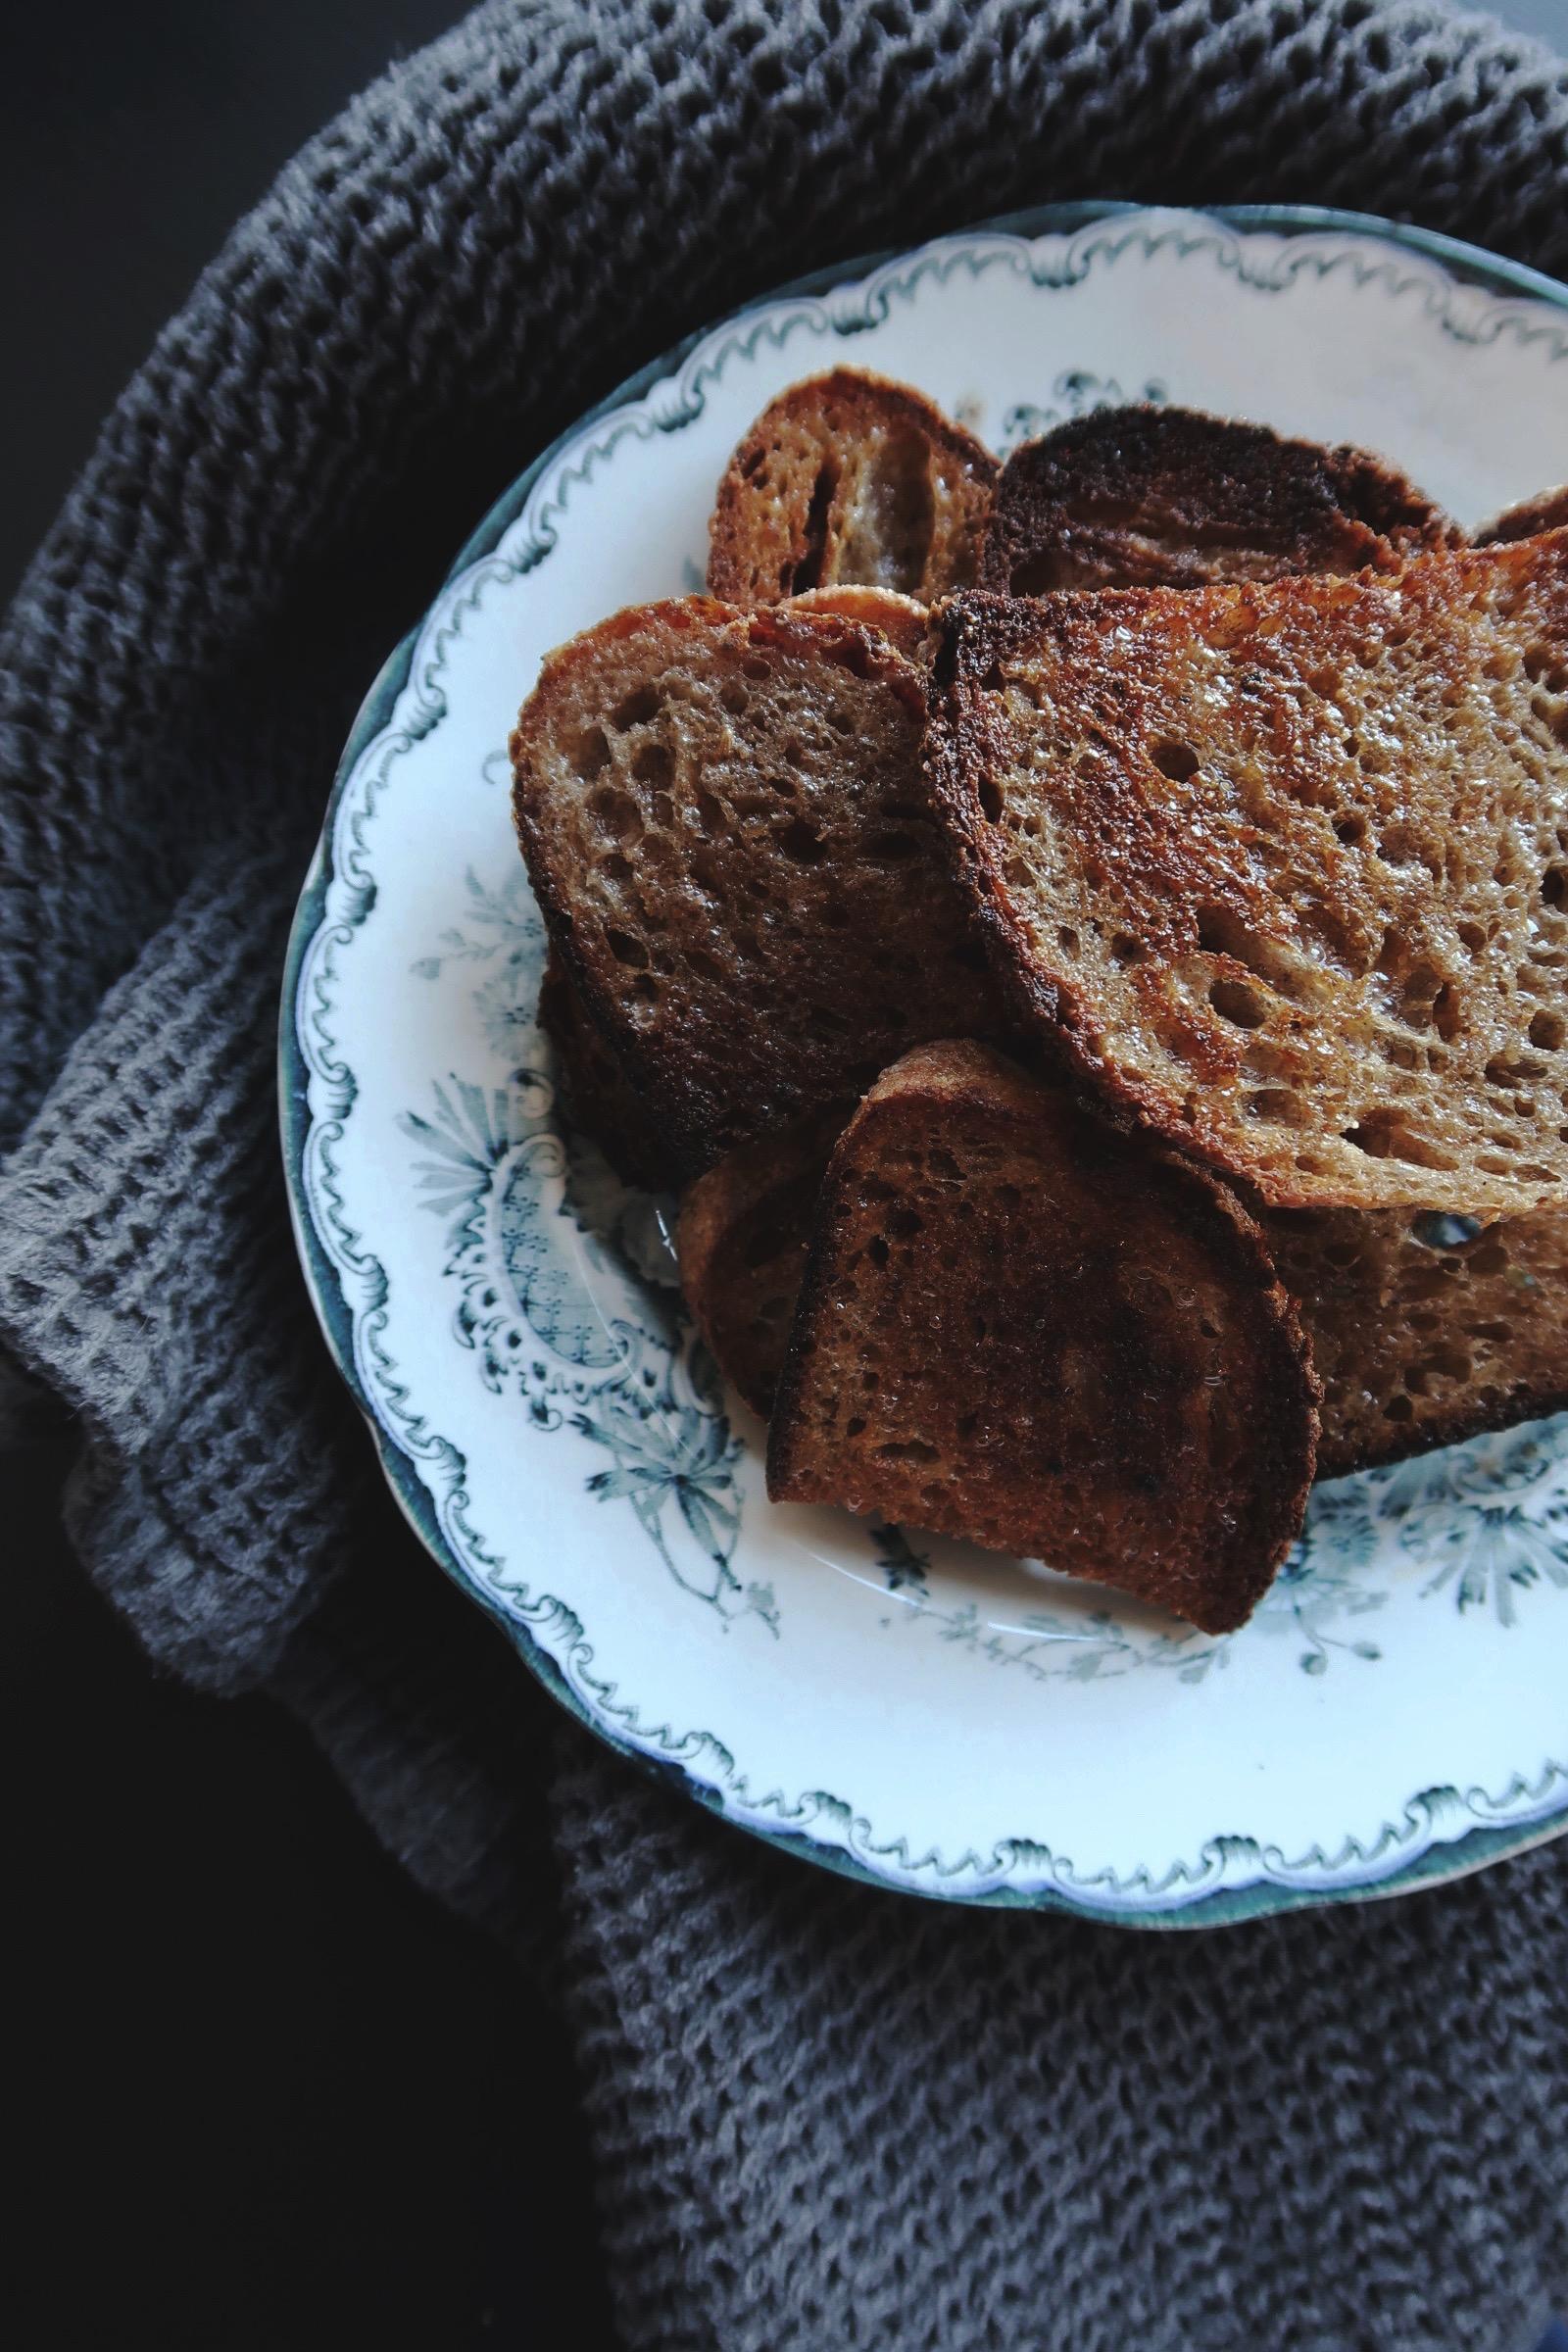 Smörstekt bröd